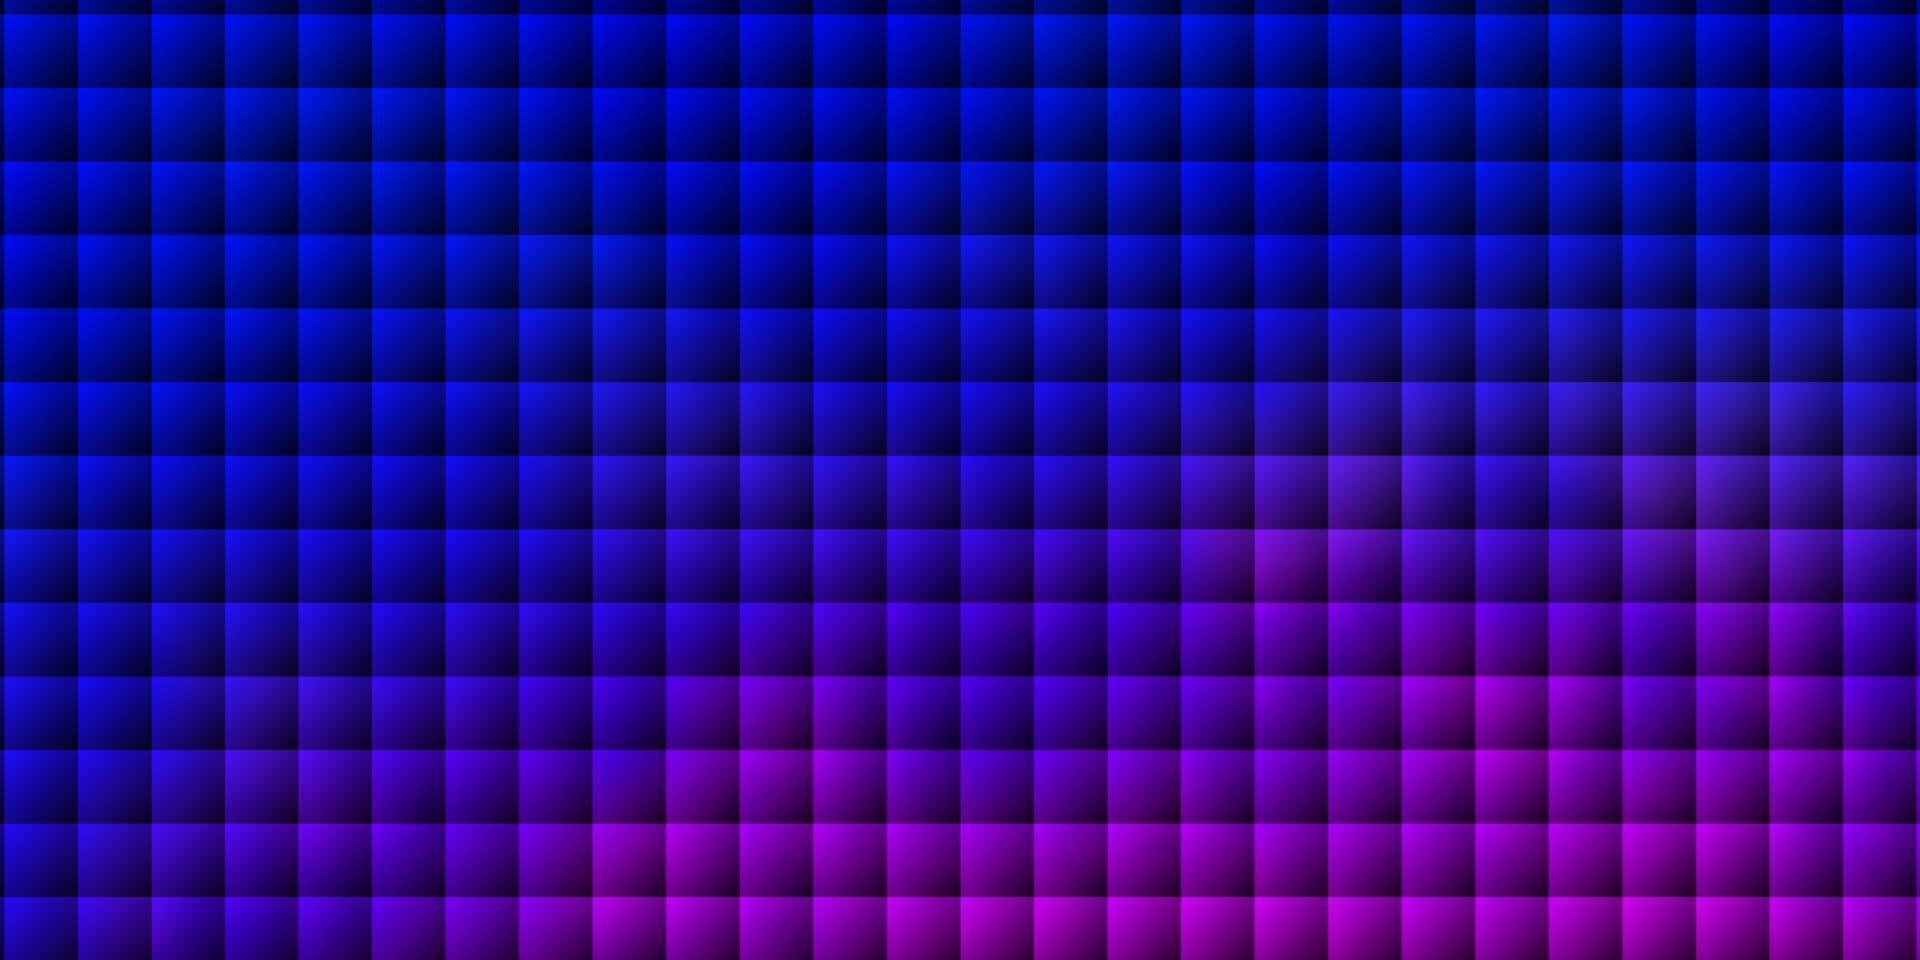 Telón de fondo de vector azul claro, rojo con rectángulos.